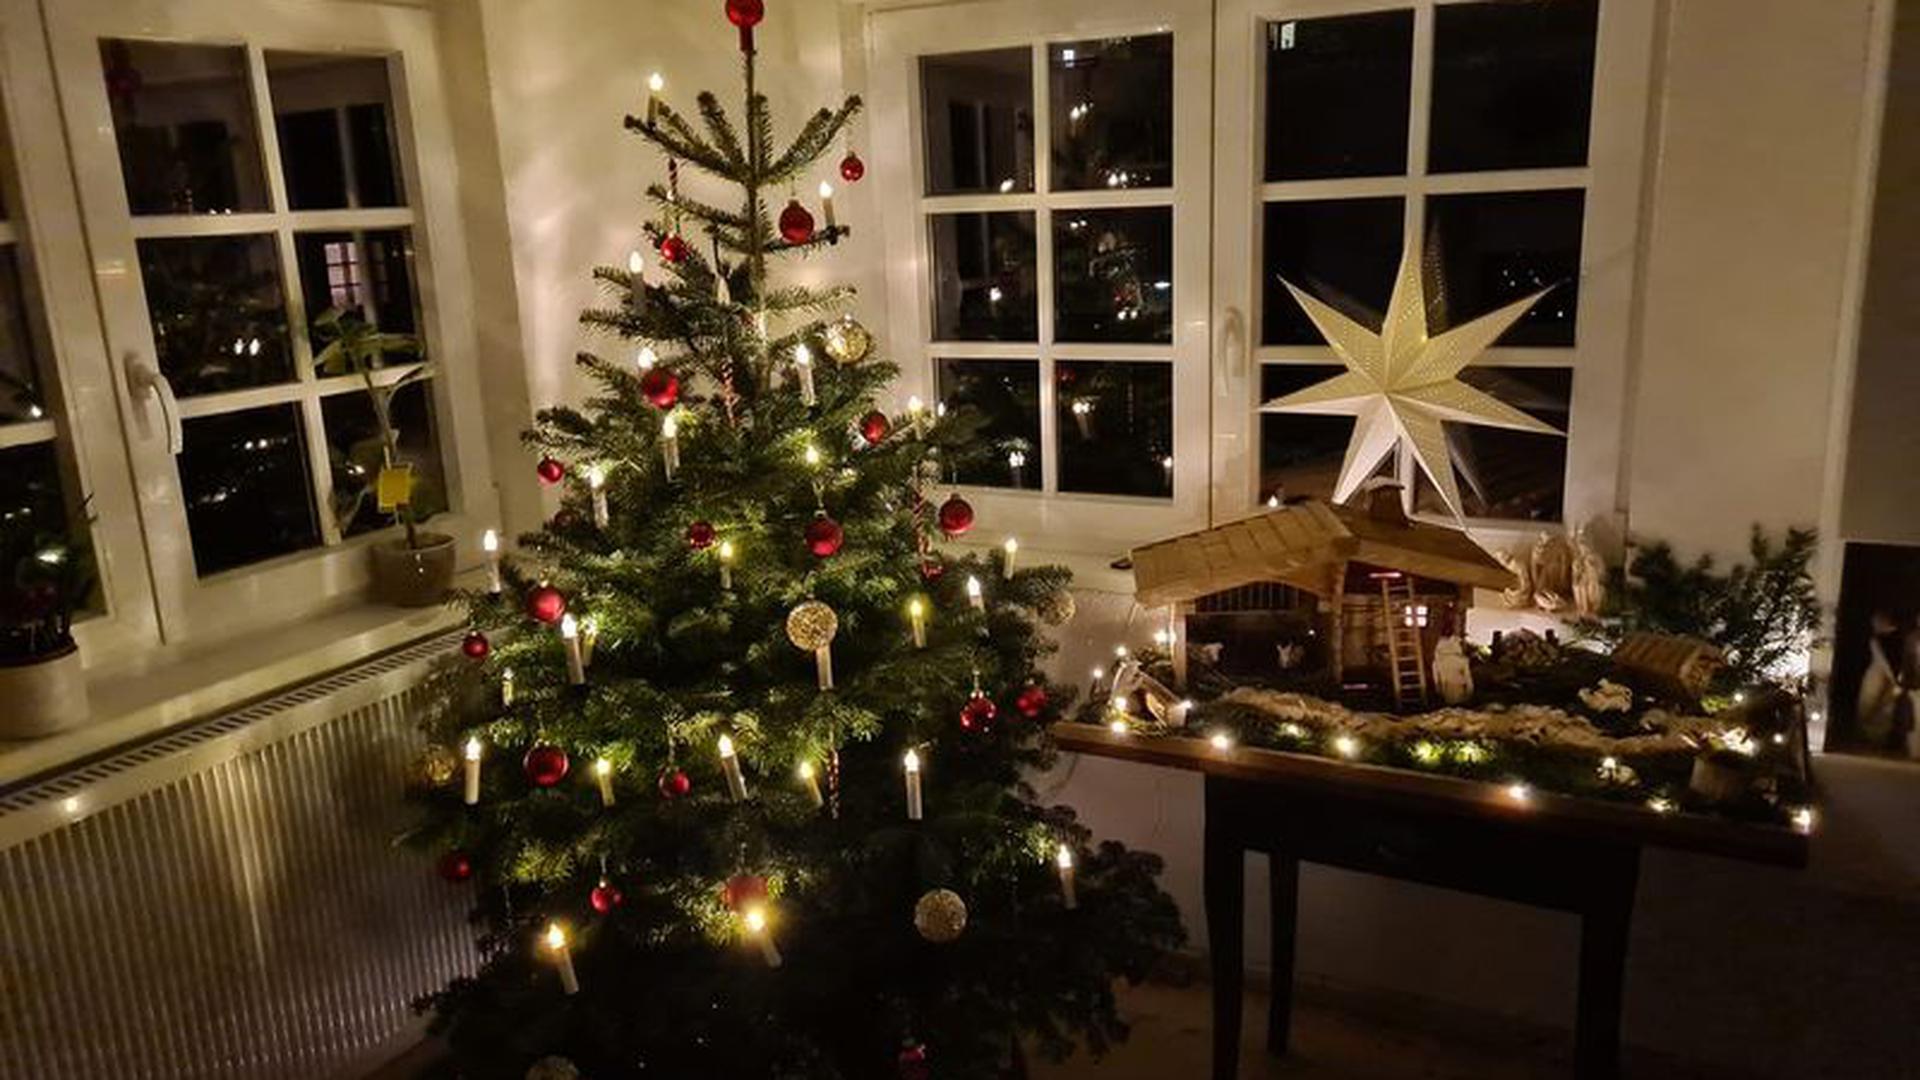 Ein rot geschmückter Weihnachtsbaum steht vor drei Fenstern. Rechts daneben ein großer Schmuckstern aus Papier über einer Weihnachtskrippe.